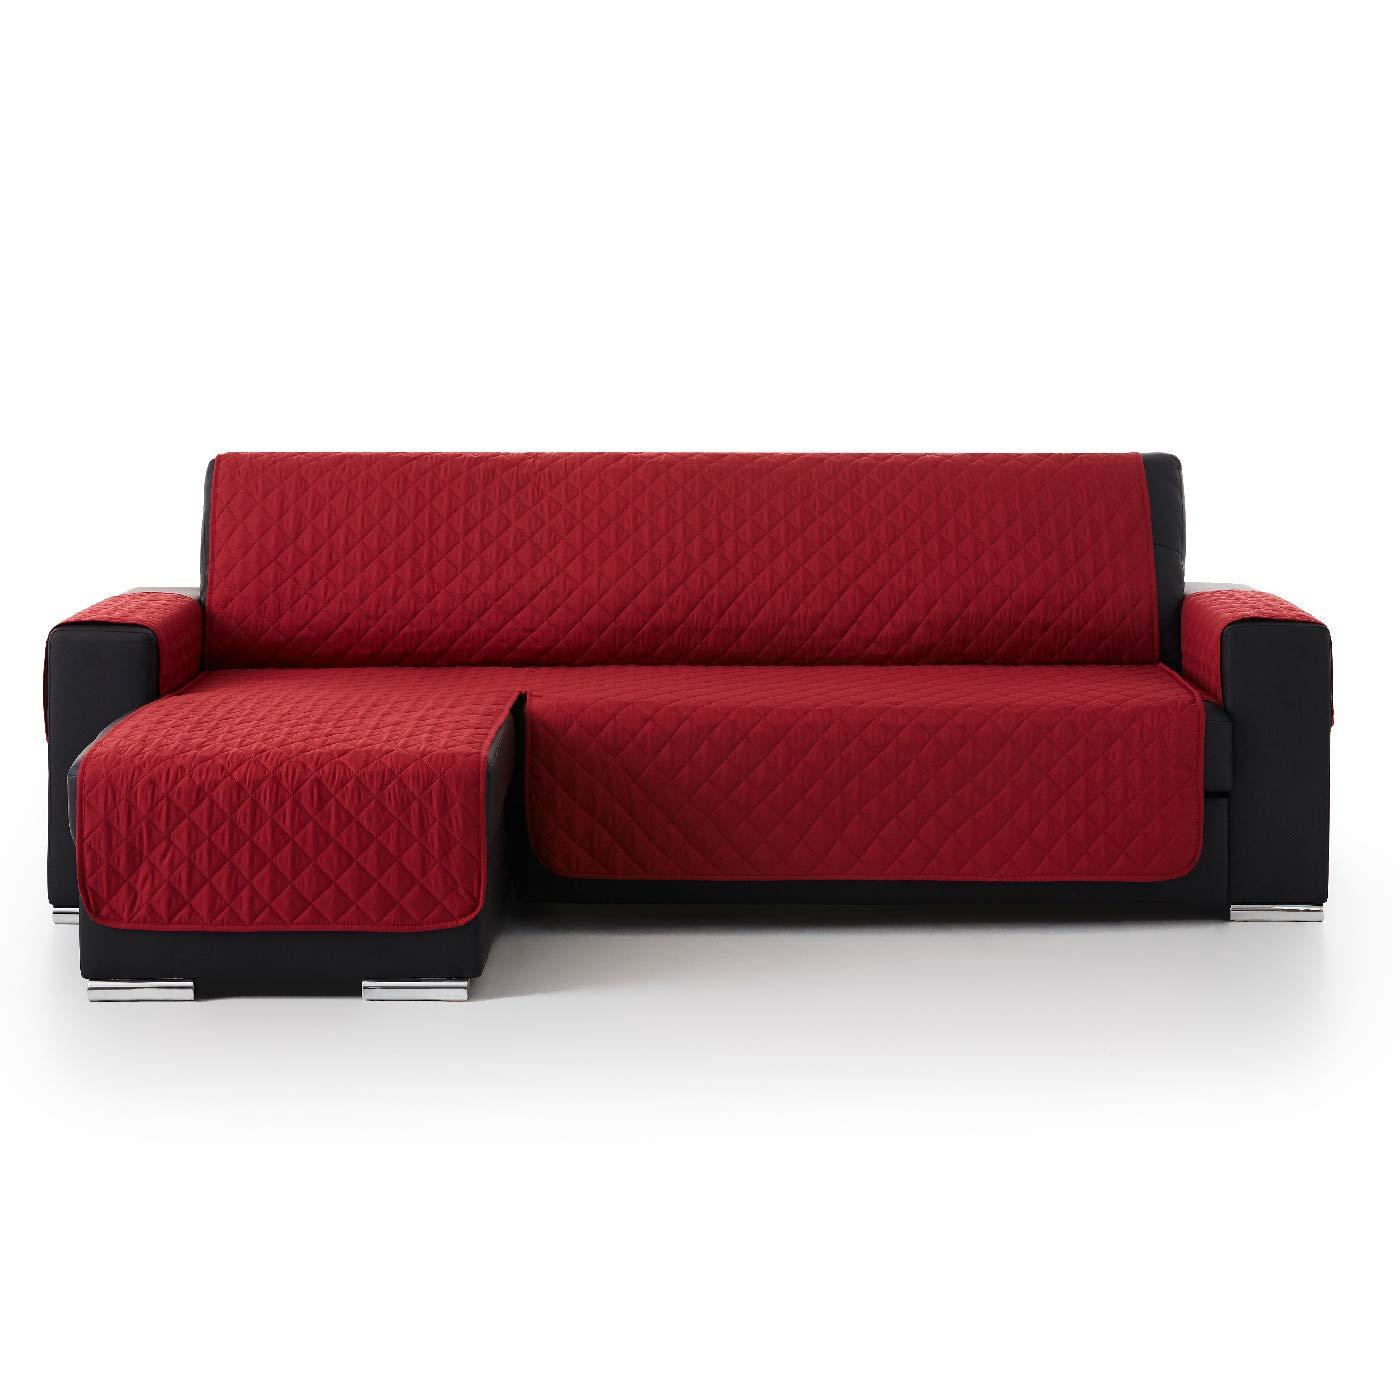 Jarrous Funda Cubre Chaise Longue Acolchada Modelo Pelícano, Color Rojo, Medida 240cm · Brazo Izquierdo (Mirándolo de Frente)